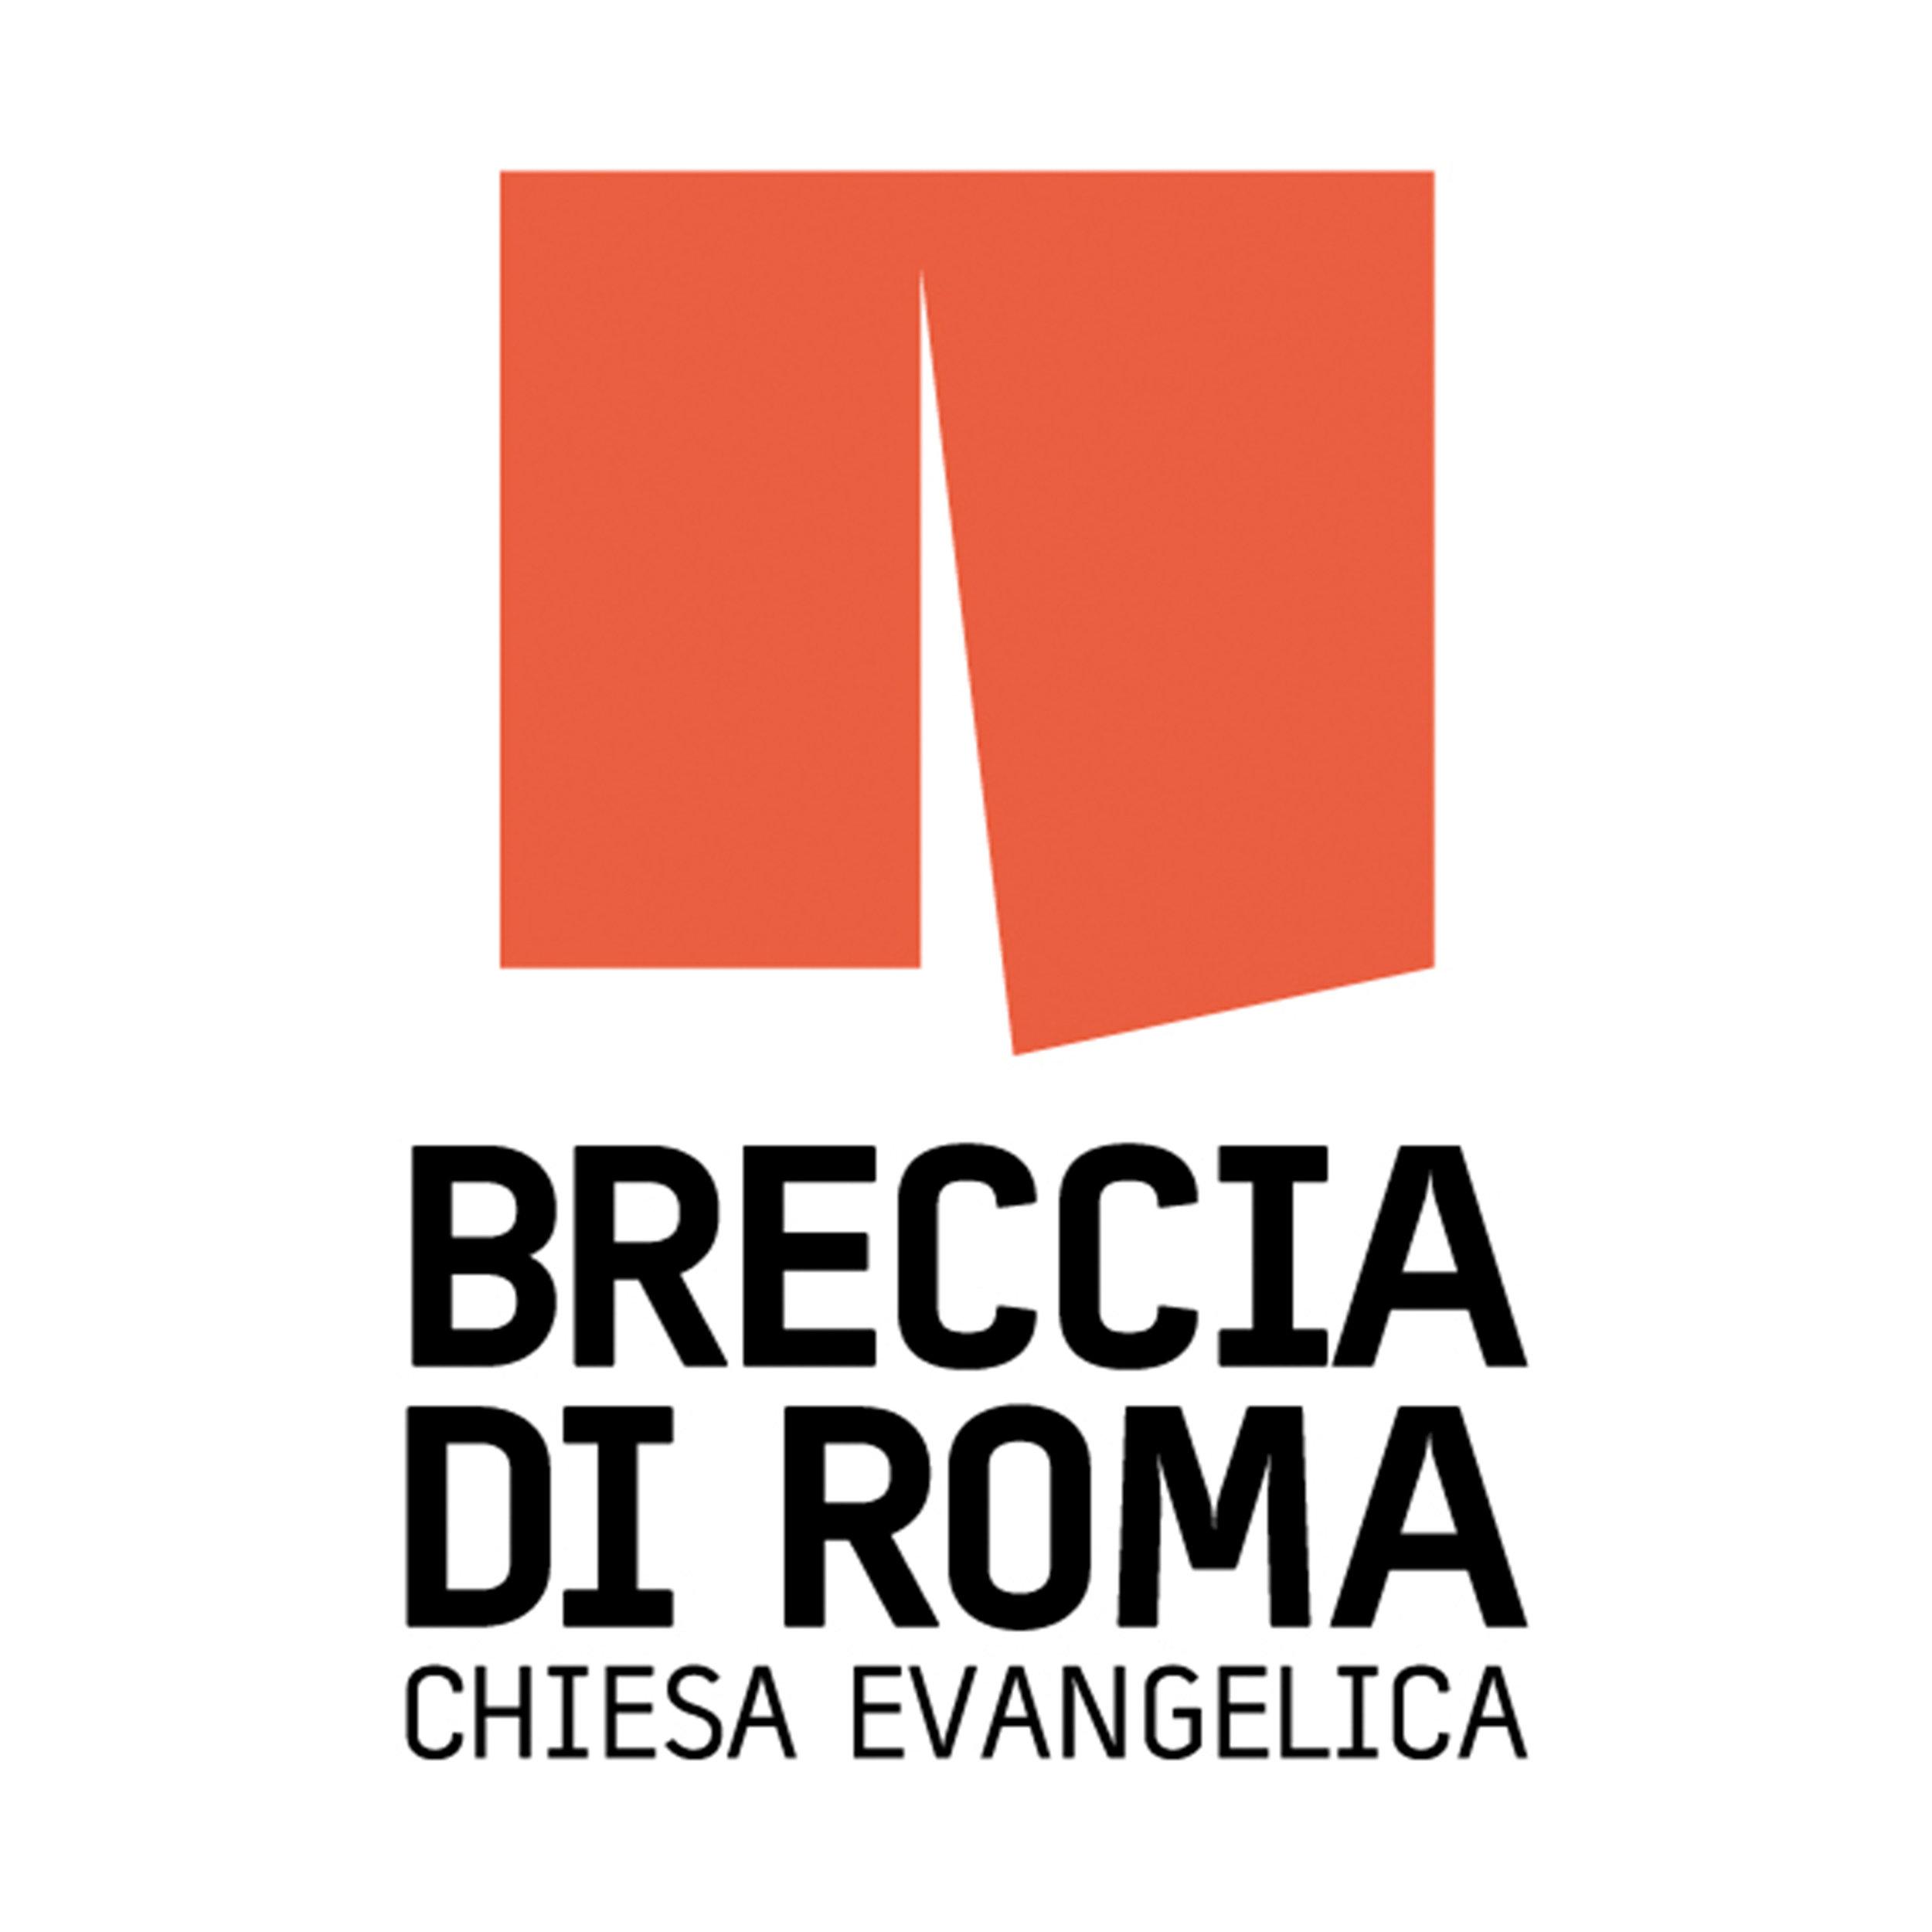 Chiesa Evangelica Breccia di Roma